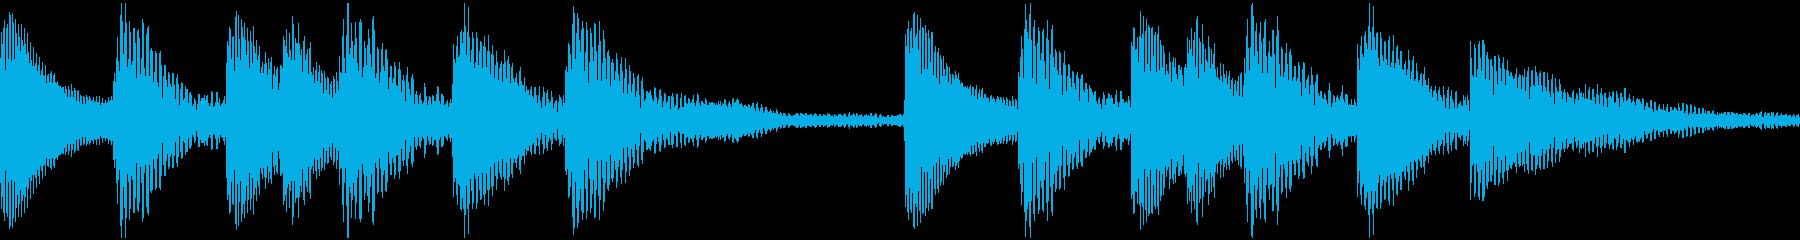 通知着信音マリンバジングル1(ループ)の再生済みの波形